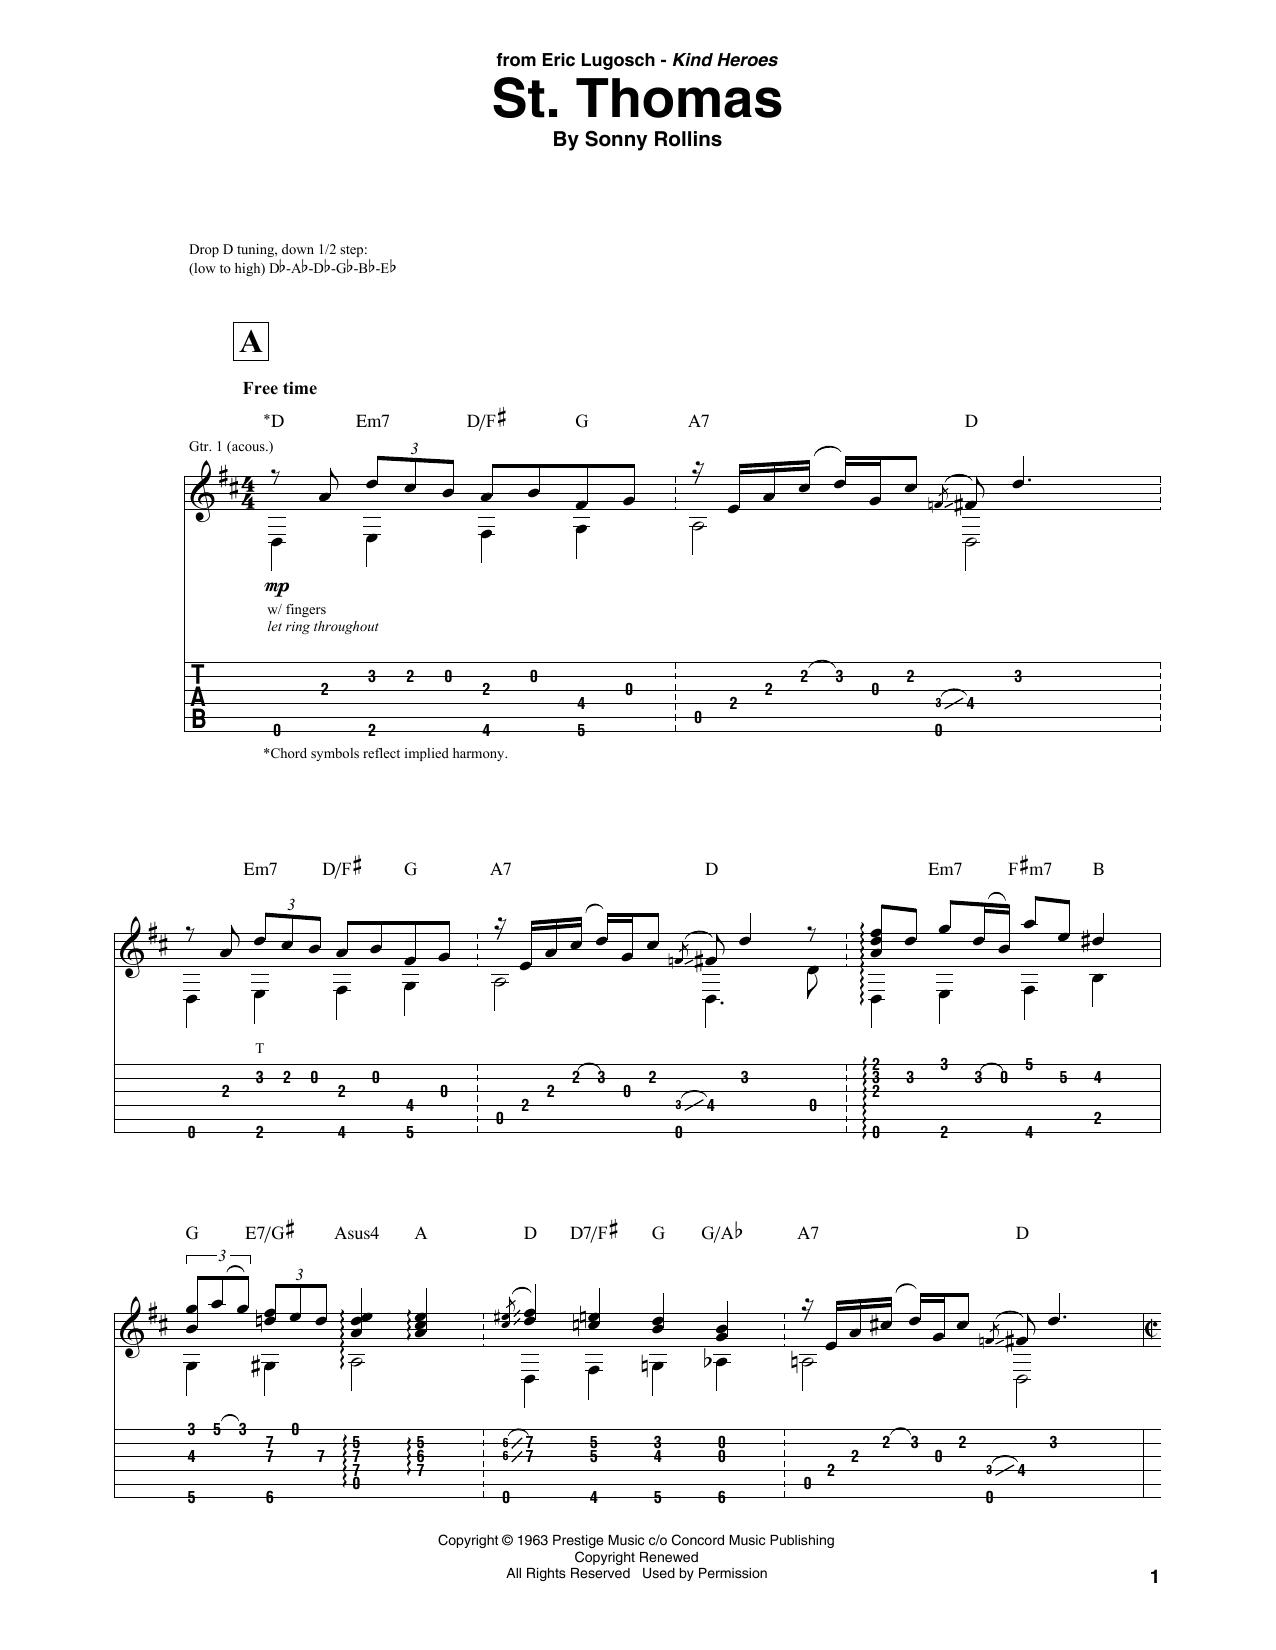 St. Thomas (Solo Guitar Tab)